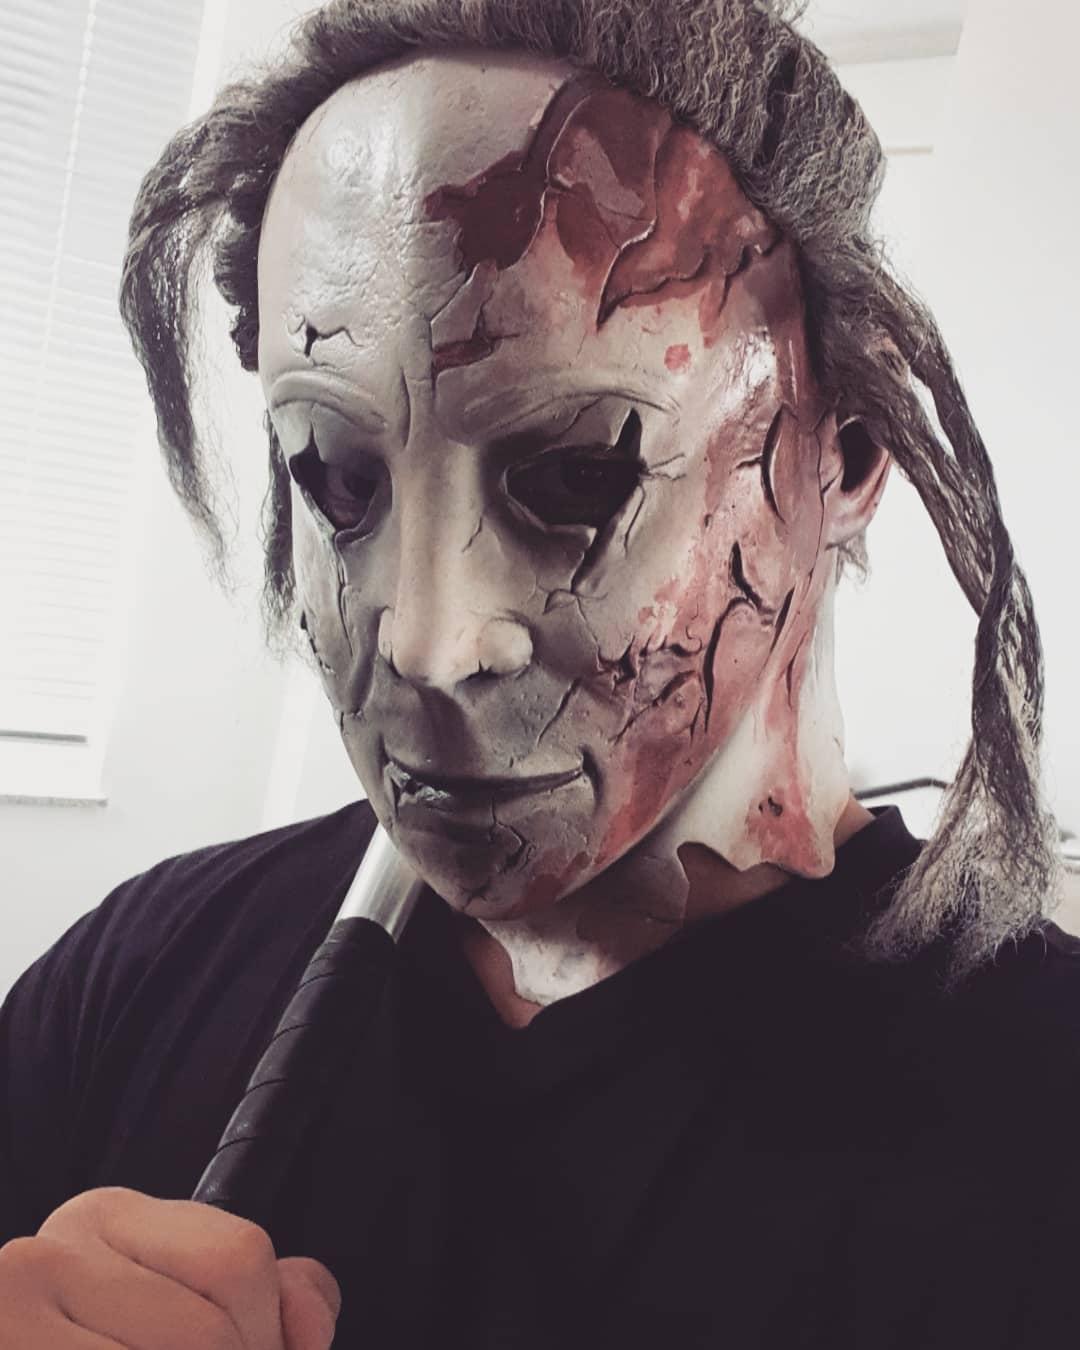 Bin dann mal auf der Suche nach geilen Halloweenblowbitches, die auf agressive Killertypen mit Monstercock stehen und gerne süßes oder saures von mir haben möchten 😈👿😈🍆💦👅 . #halloween #killer #monster #michaelmyers #baseballbat #berlin #instagood #instalike #berlinstagram #f4f #followme #l4l #germany #bangboss